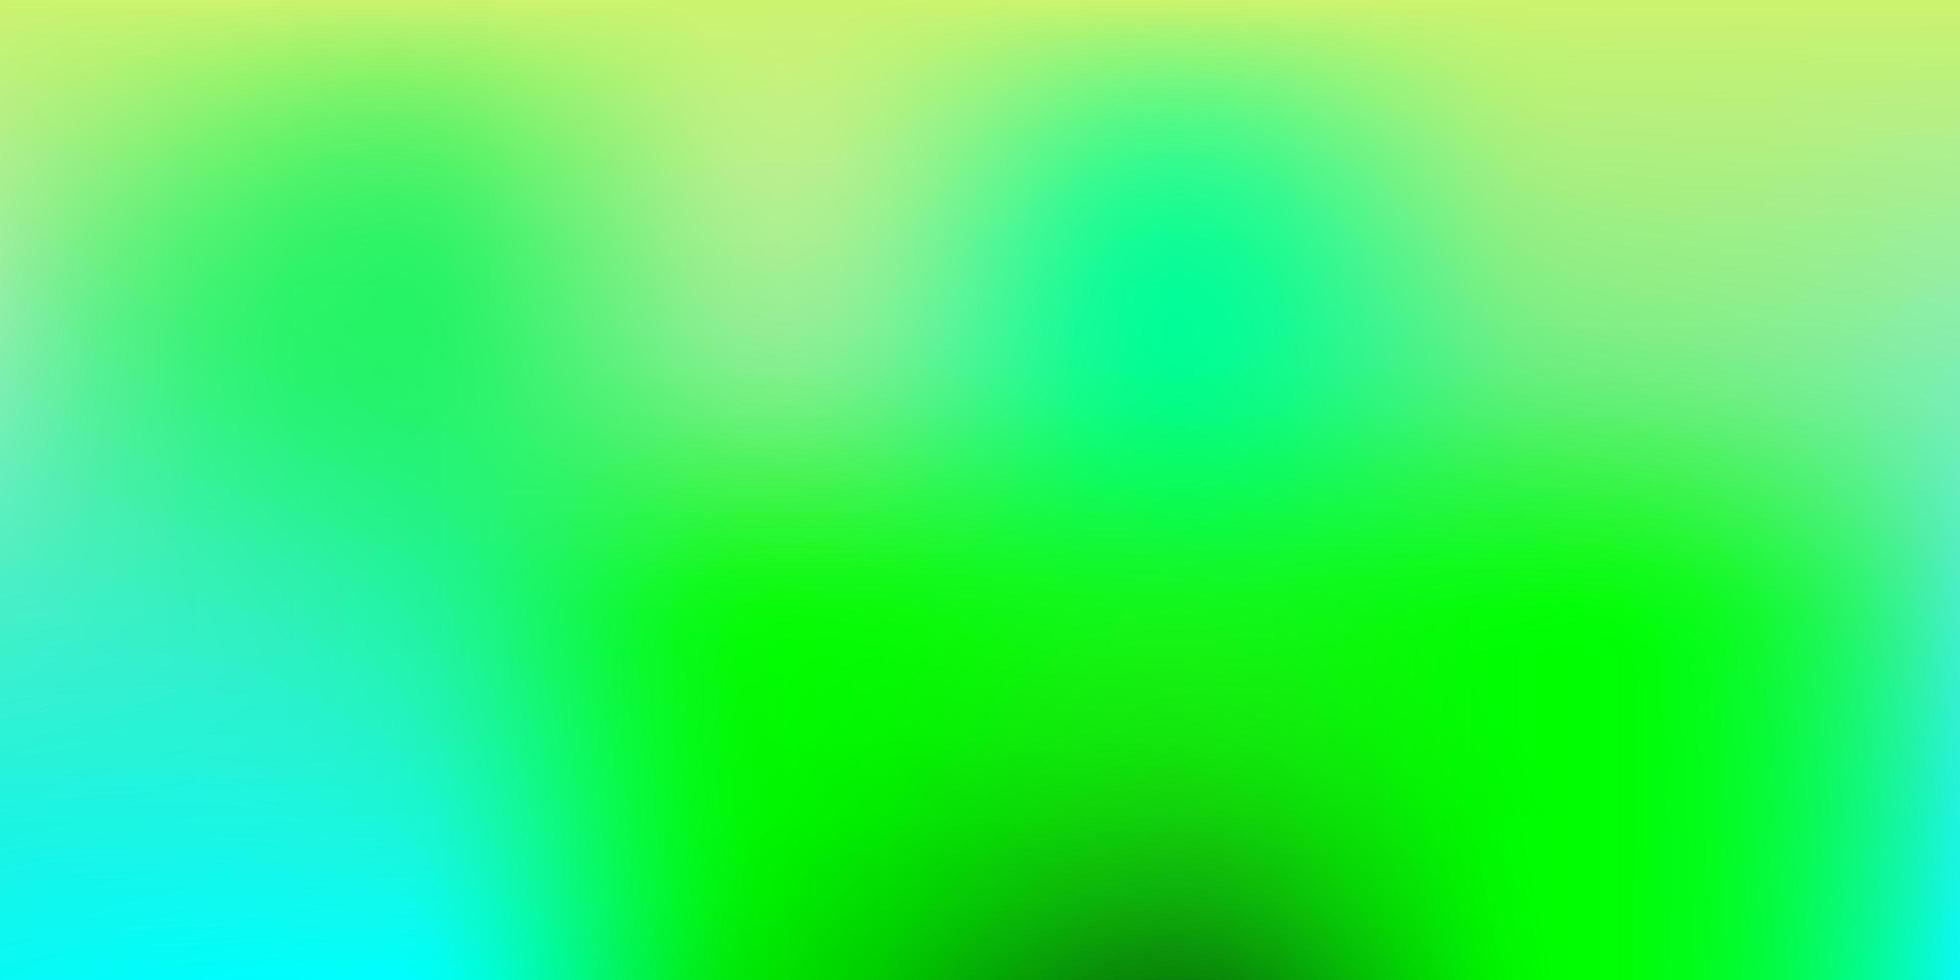 luz azul, verde vetor abstrato desfocar padrão.